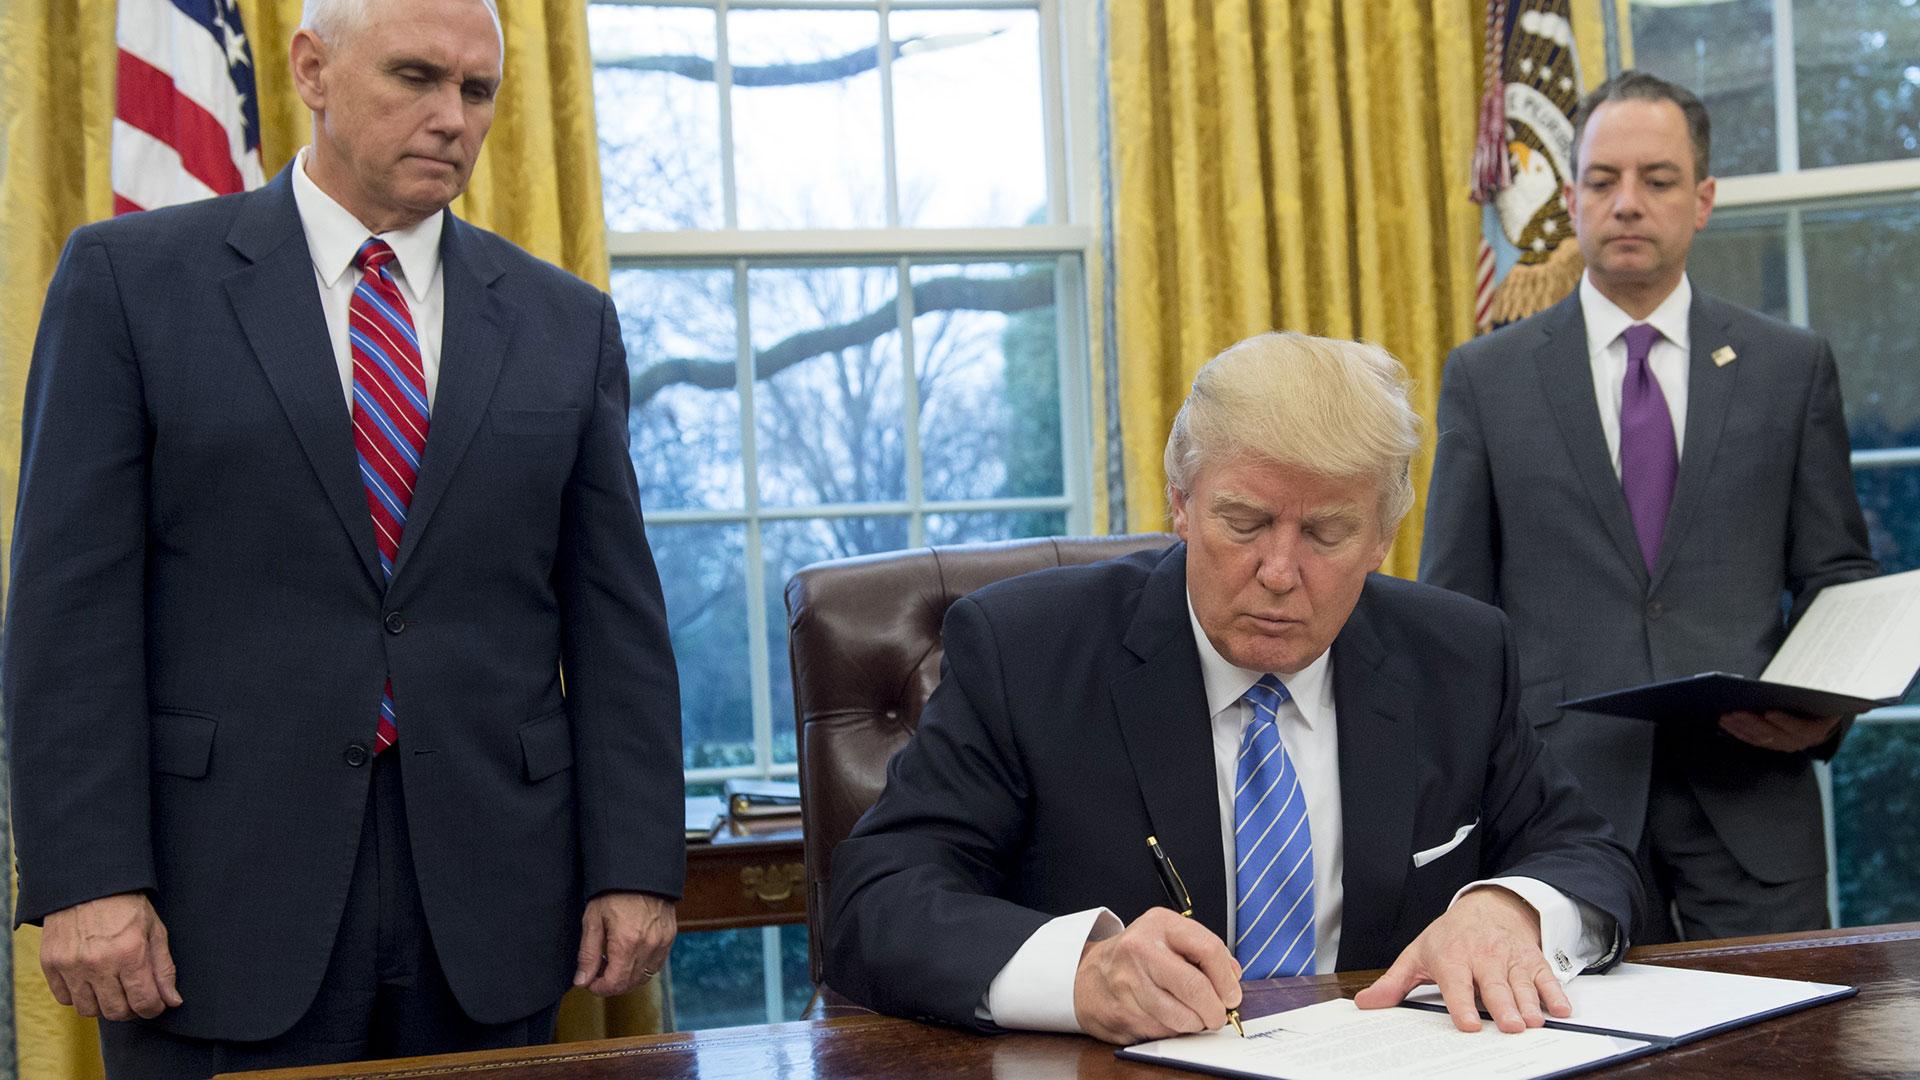 Trump en pocos días en la Casa Blanca ya ha firmado varias ordenes ejecutivas.(AFP)